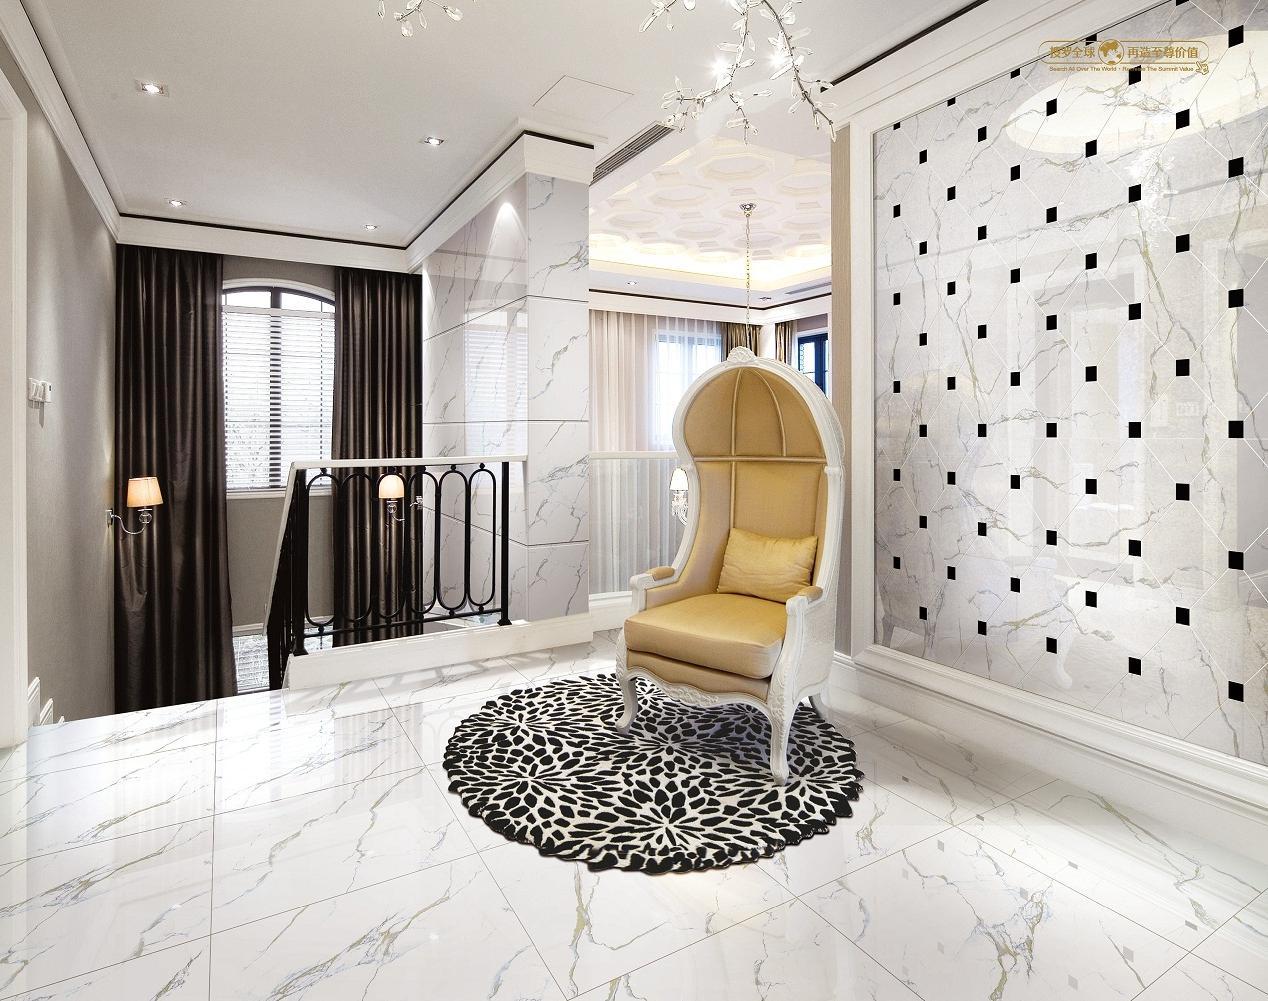 Pin Porcelanato Que Imita Mármore Instalado Facilmente Revestimento  #1F3563 1268x1001 Banheiro Com Porcelanato Carrara